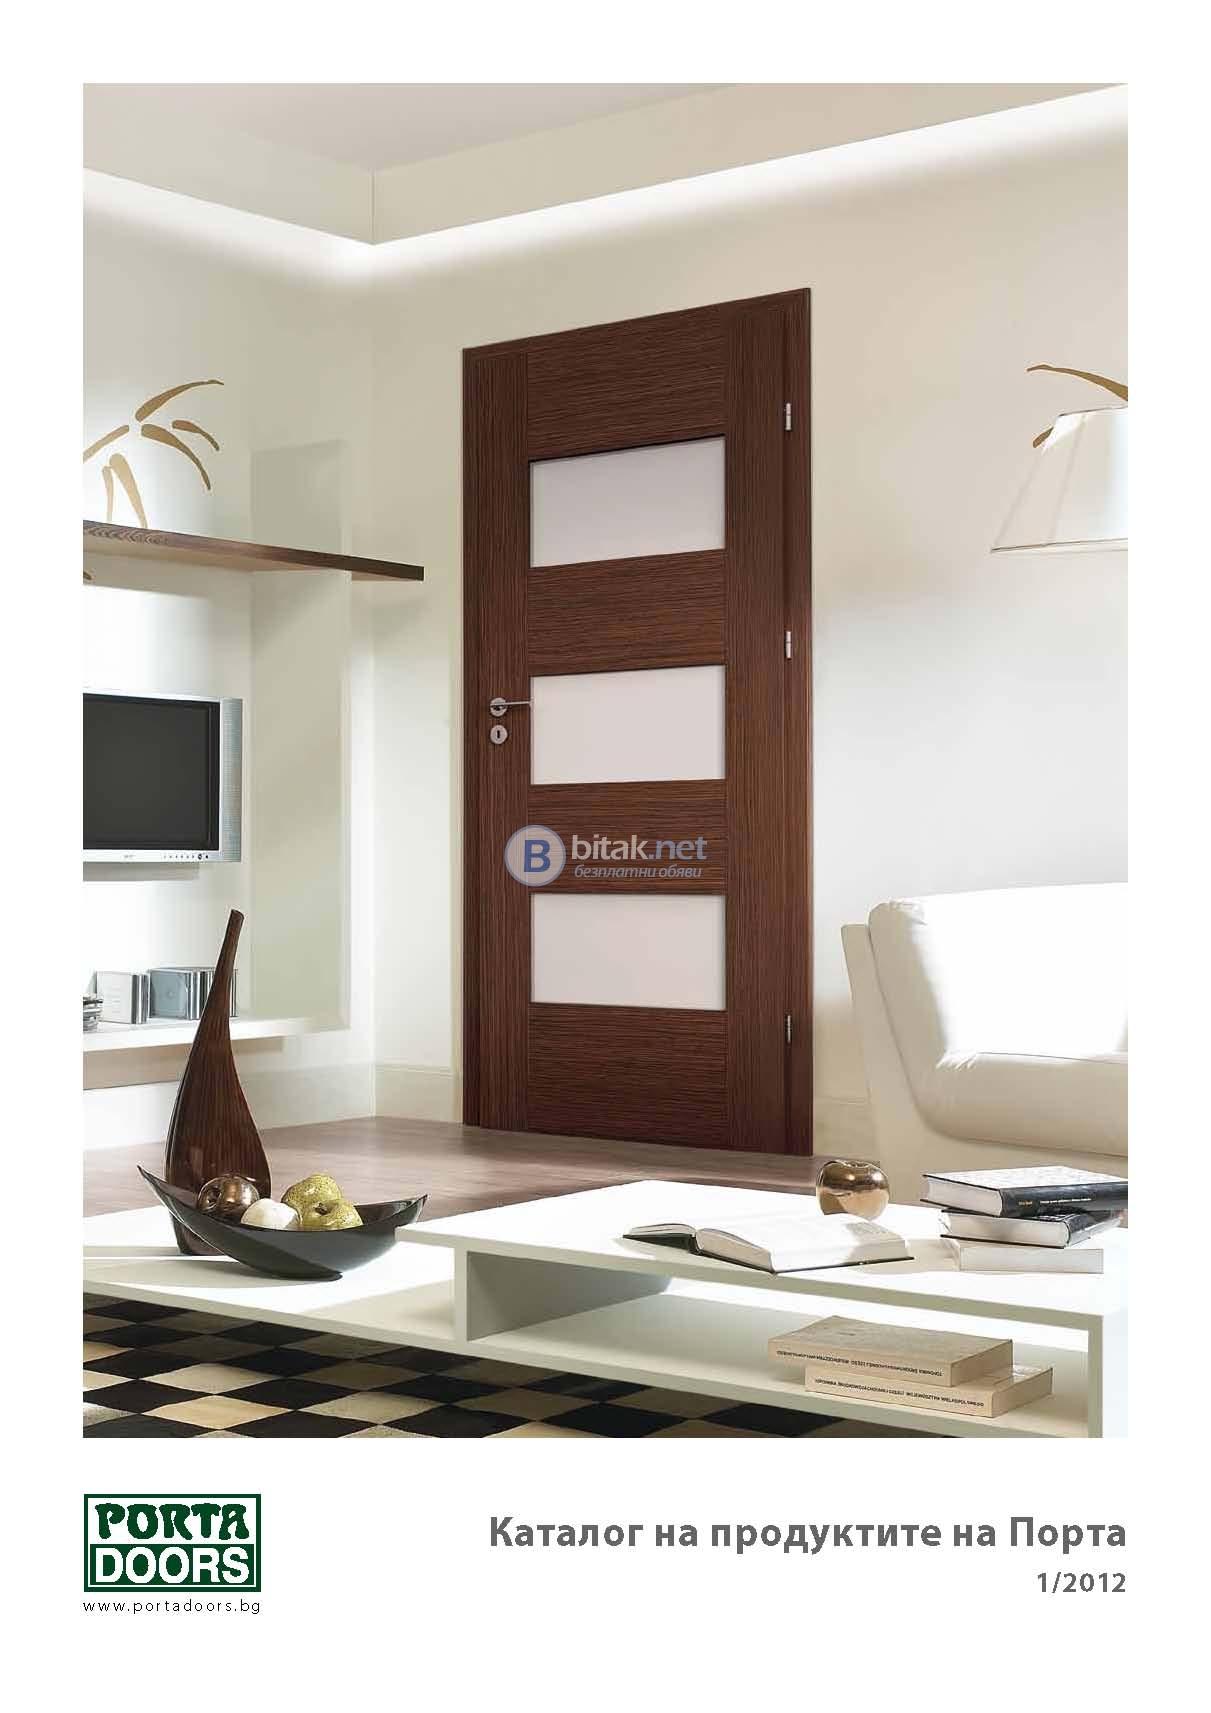 Евтини интериорни врати